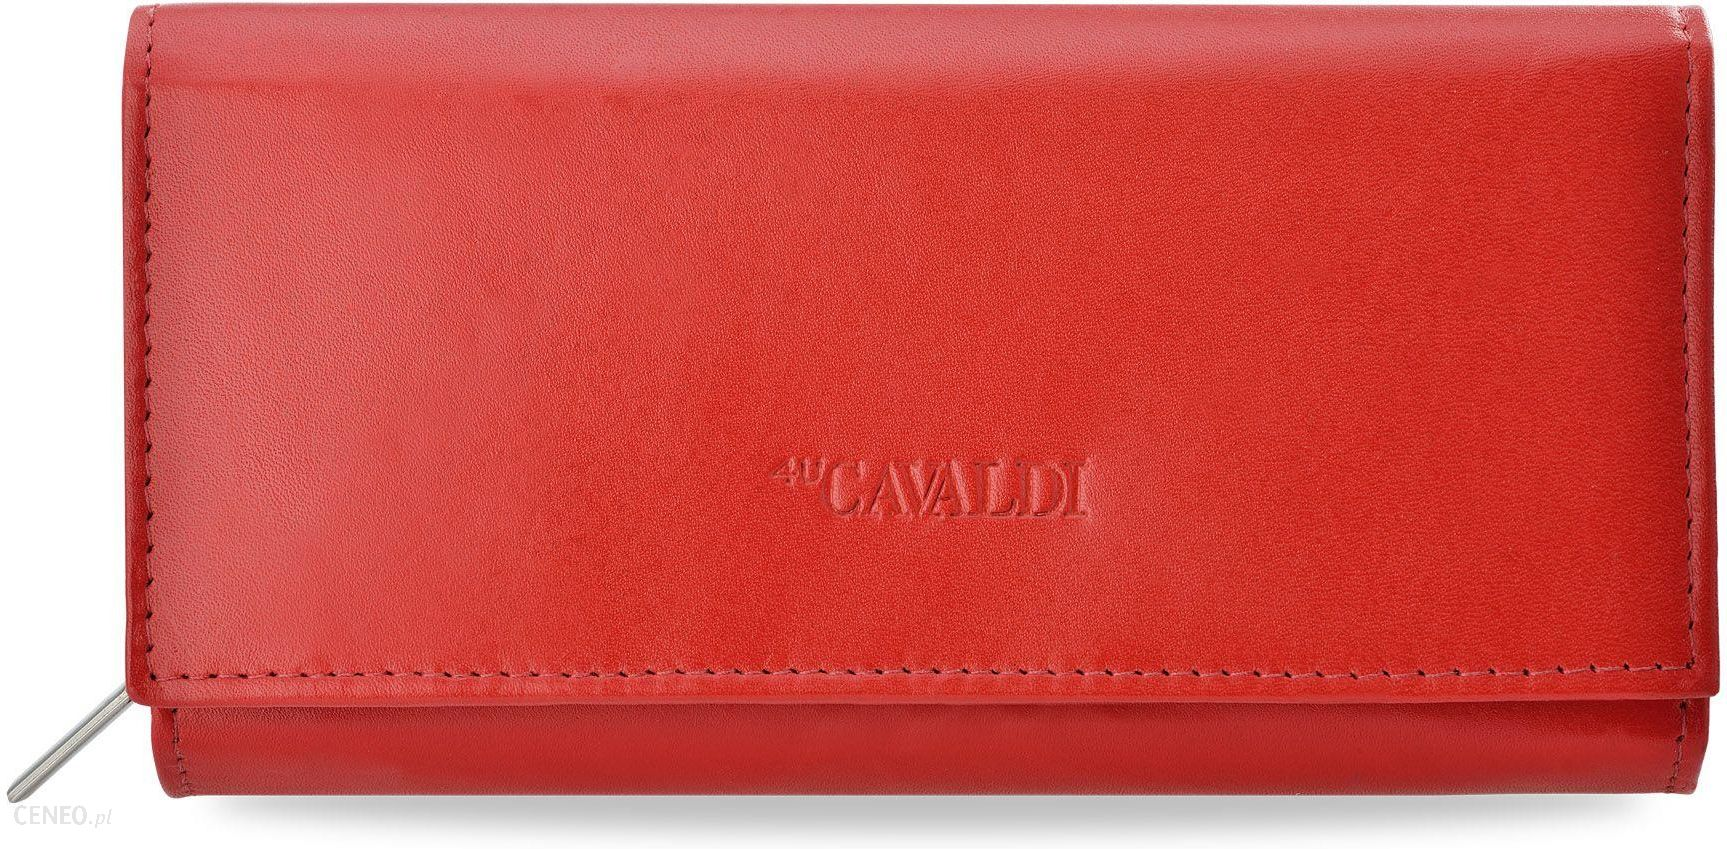 4d12d92bd2a7a Klasyczny portfel damski cavaldi harmonijka skóra naturalna - czerwony -  zdjęcie 1